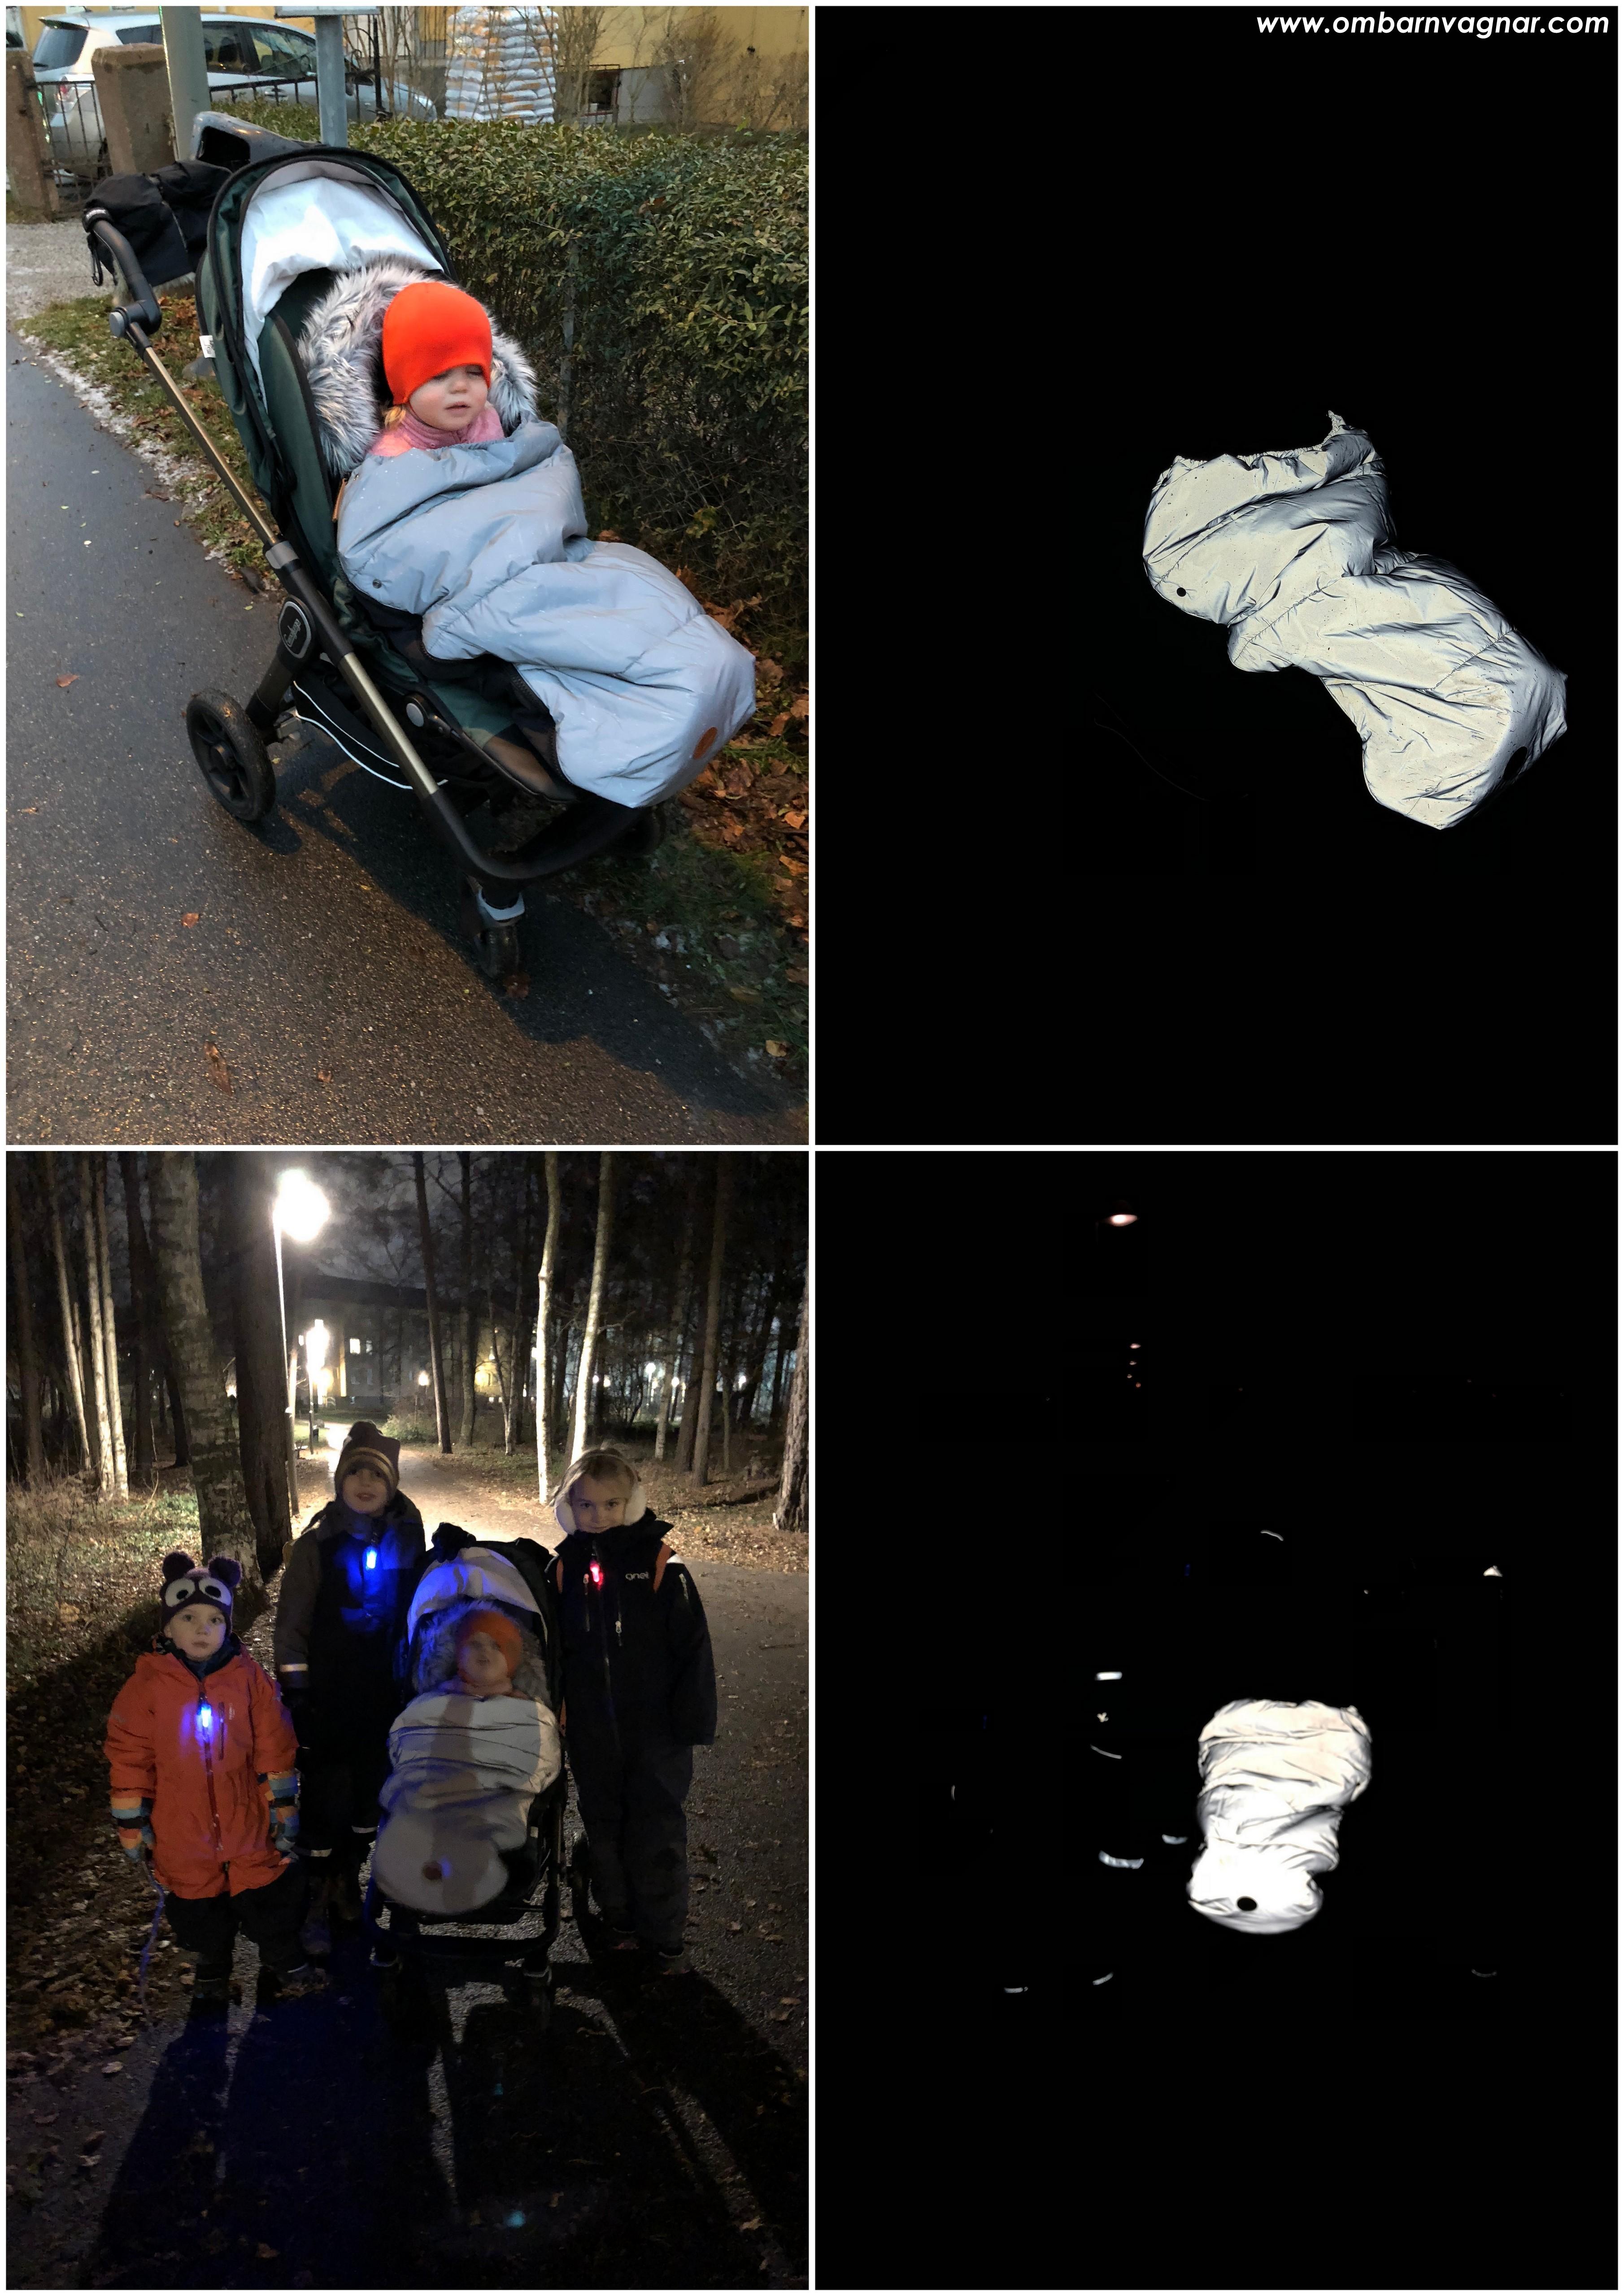 Angel of Sweden Tärnaby Reflexåkpåse reflexförmåga när det är mörkt